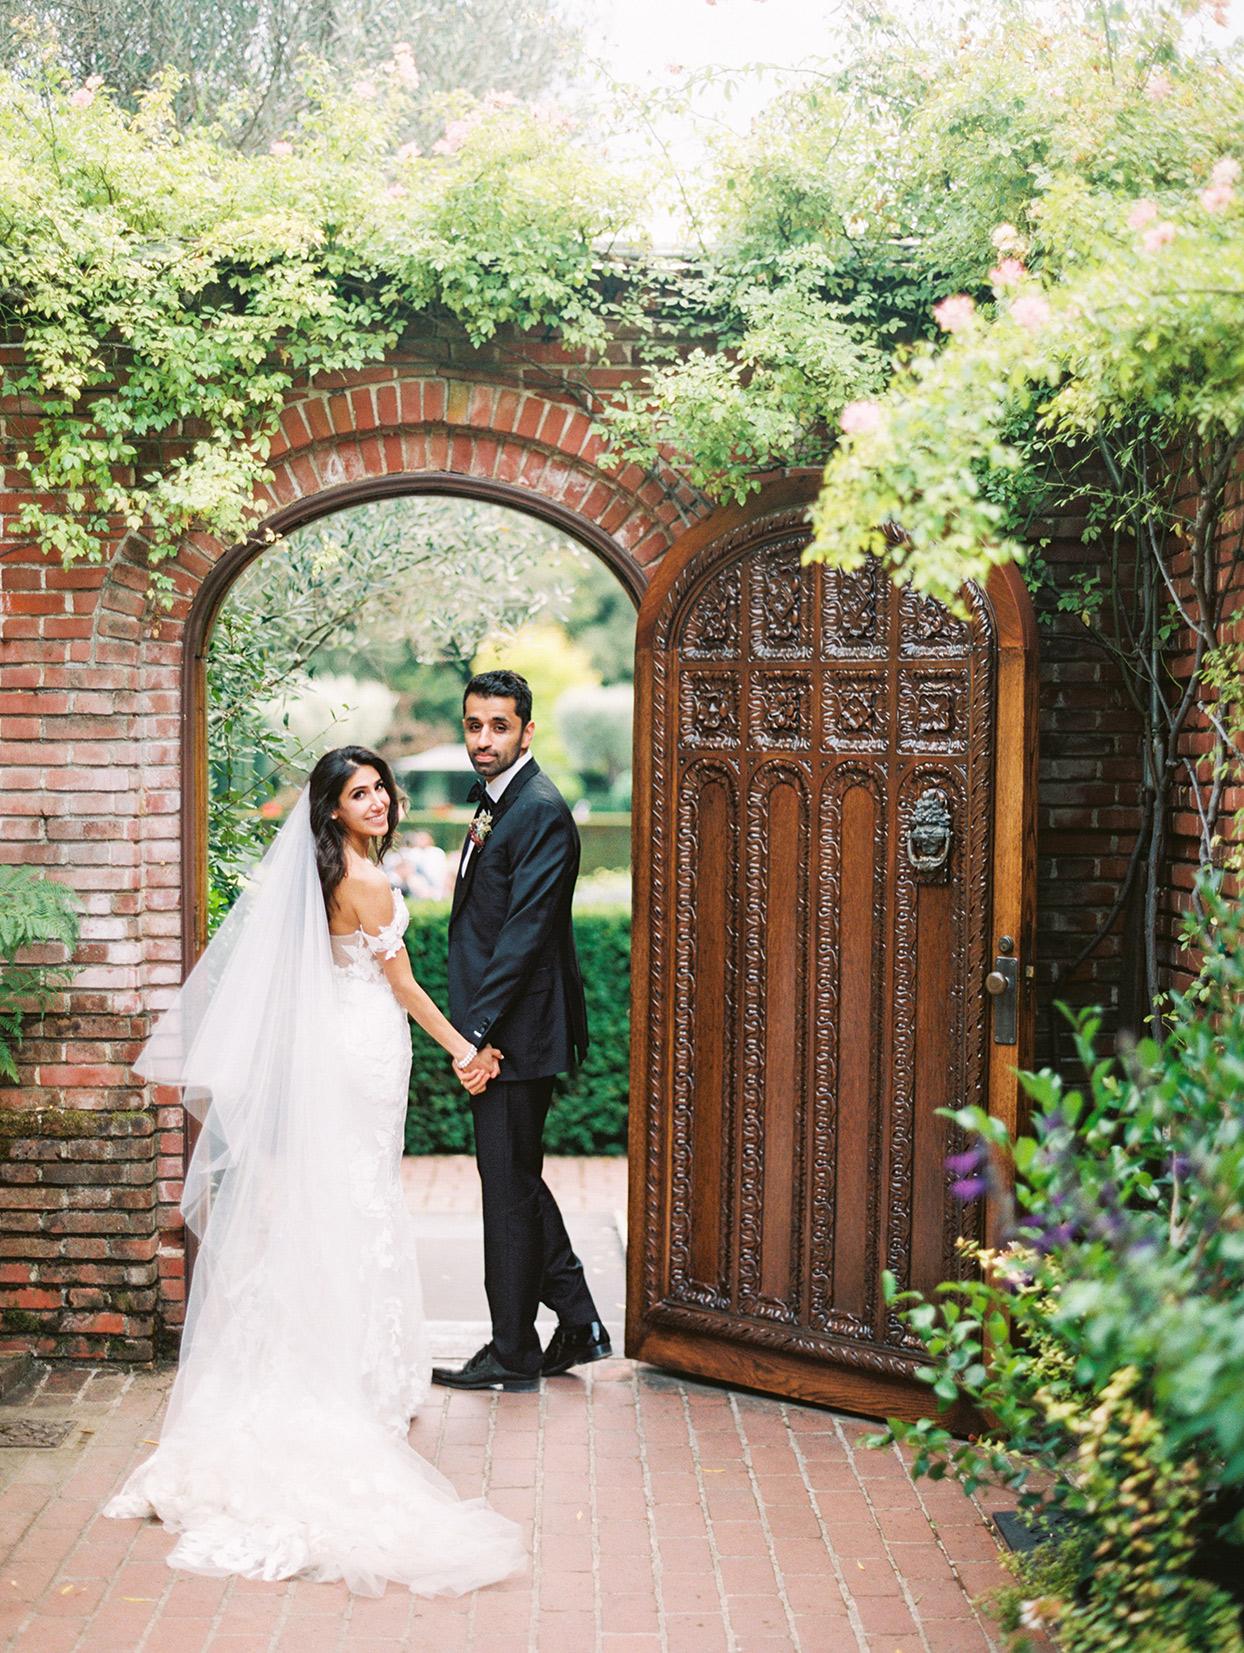 yalda anusha wedding couple in ornate doorway